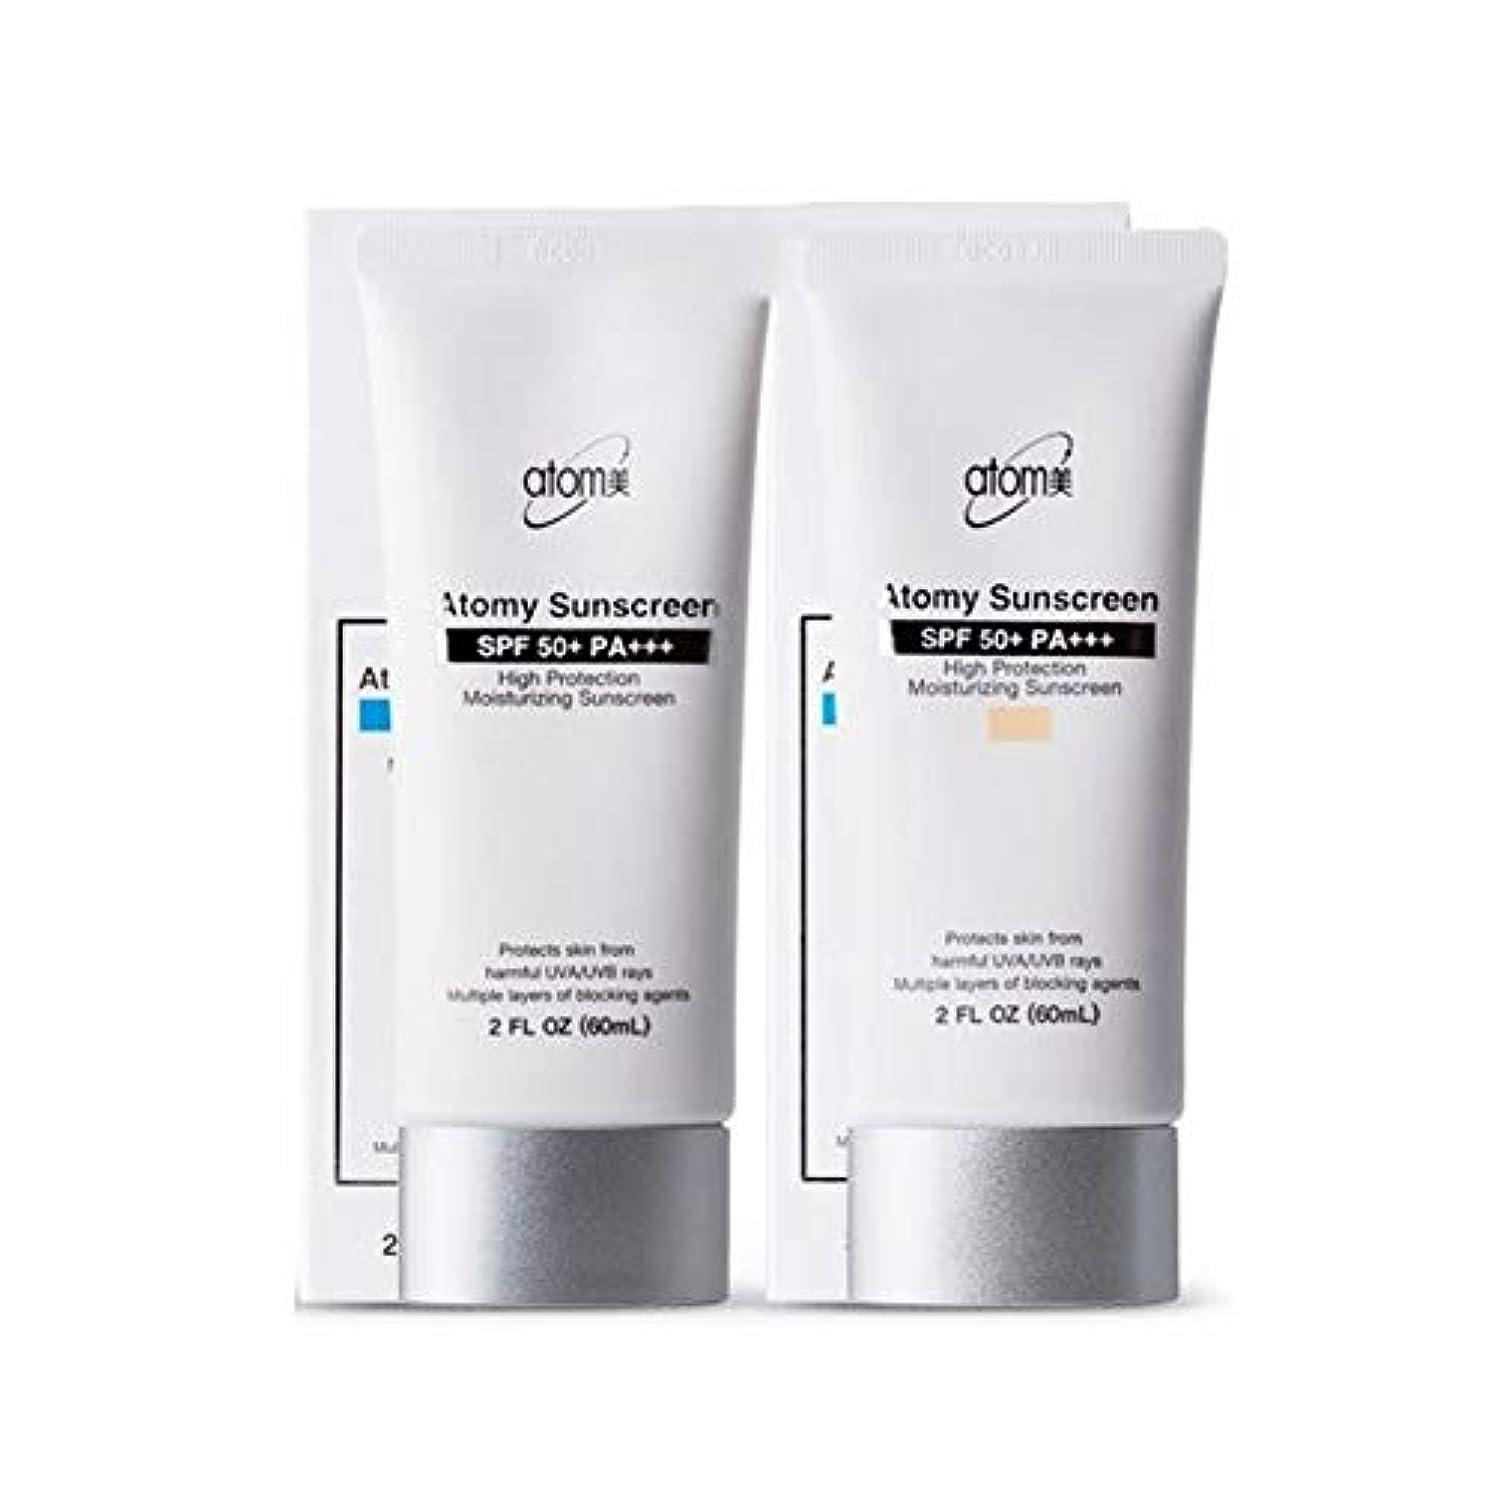 フォーク悩みマントアトミ(Atomy) サンクリームベージュ+ホワイト(SPF50+/PA+++)60ml、ハイプロテクション、Atomy Sun Cream Beige+White(SPF50+/PA+++)60ml、High Protection...